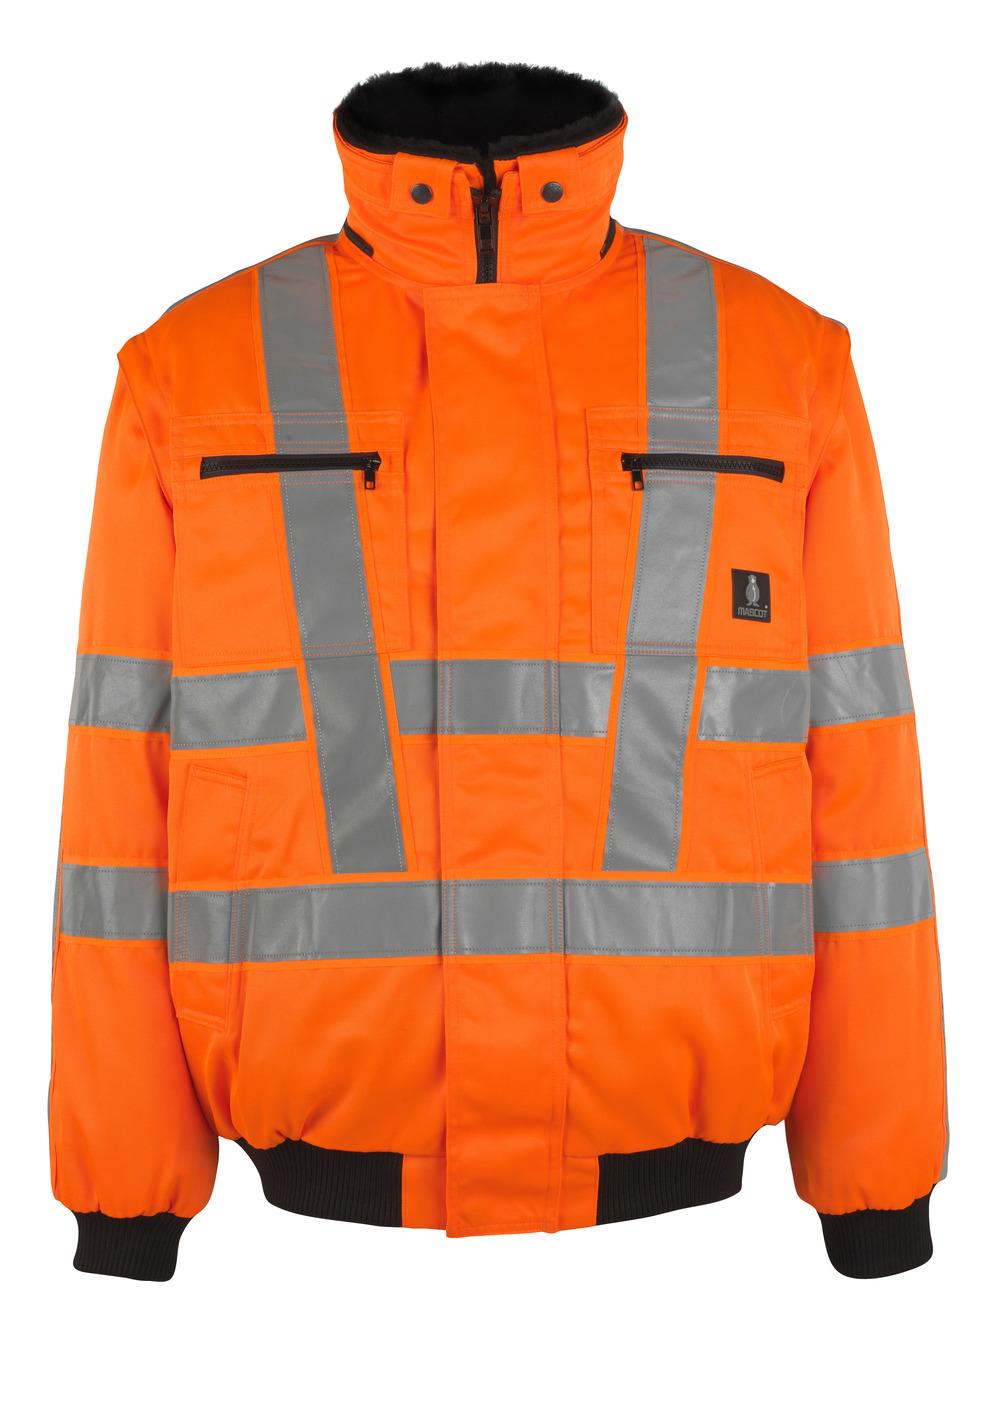 05020-660-14 Pilotjacka - hi-vis orange